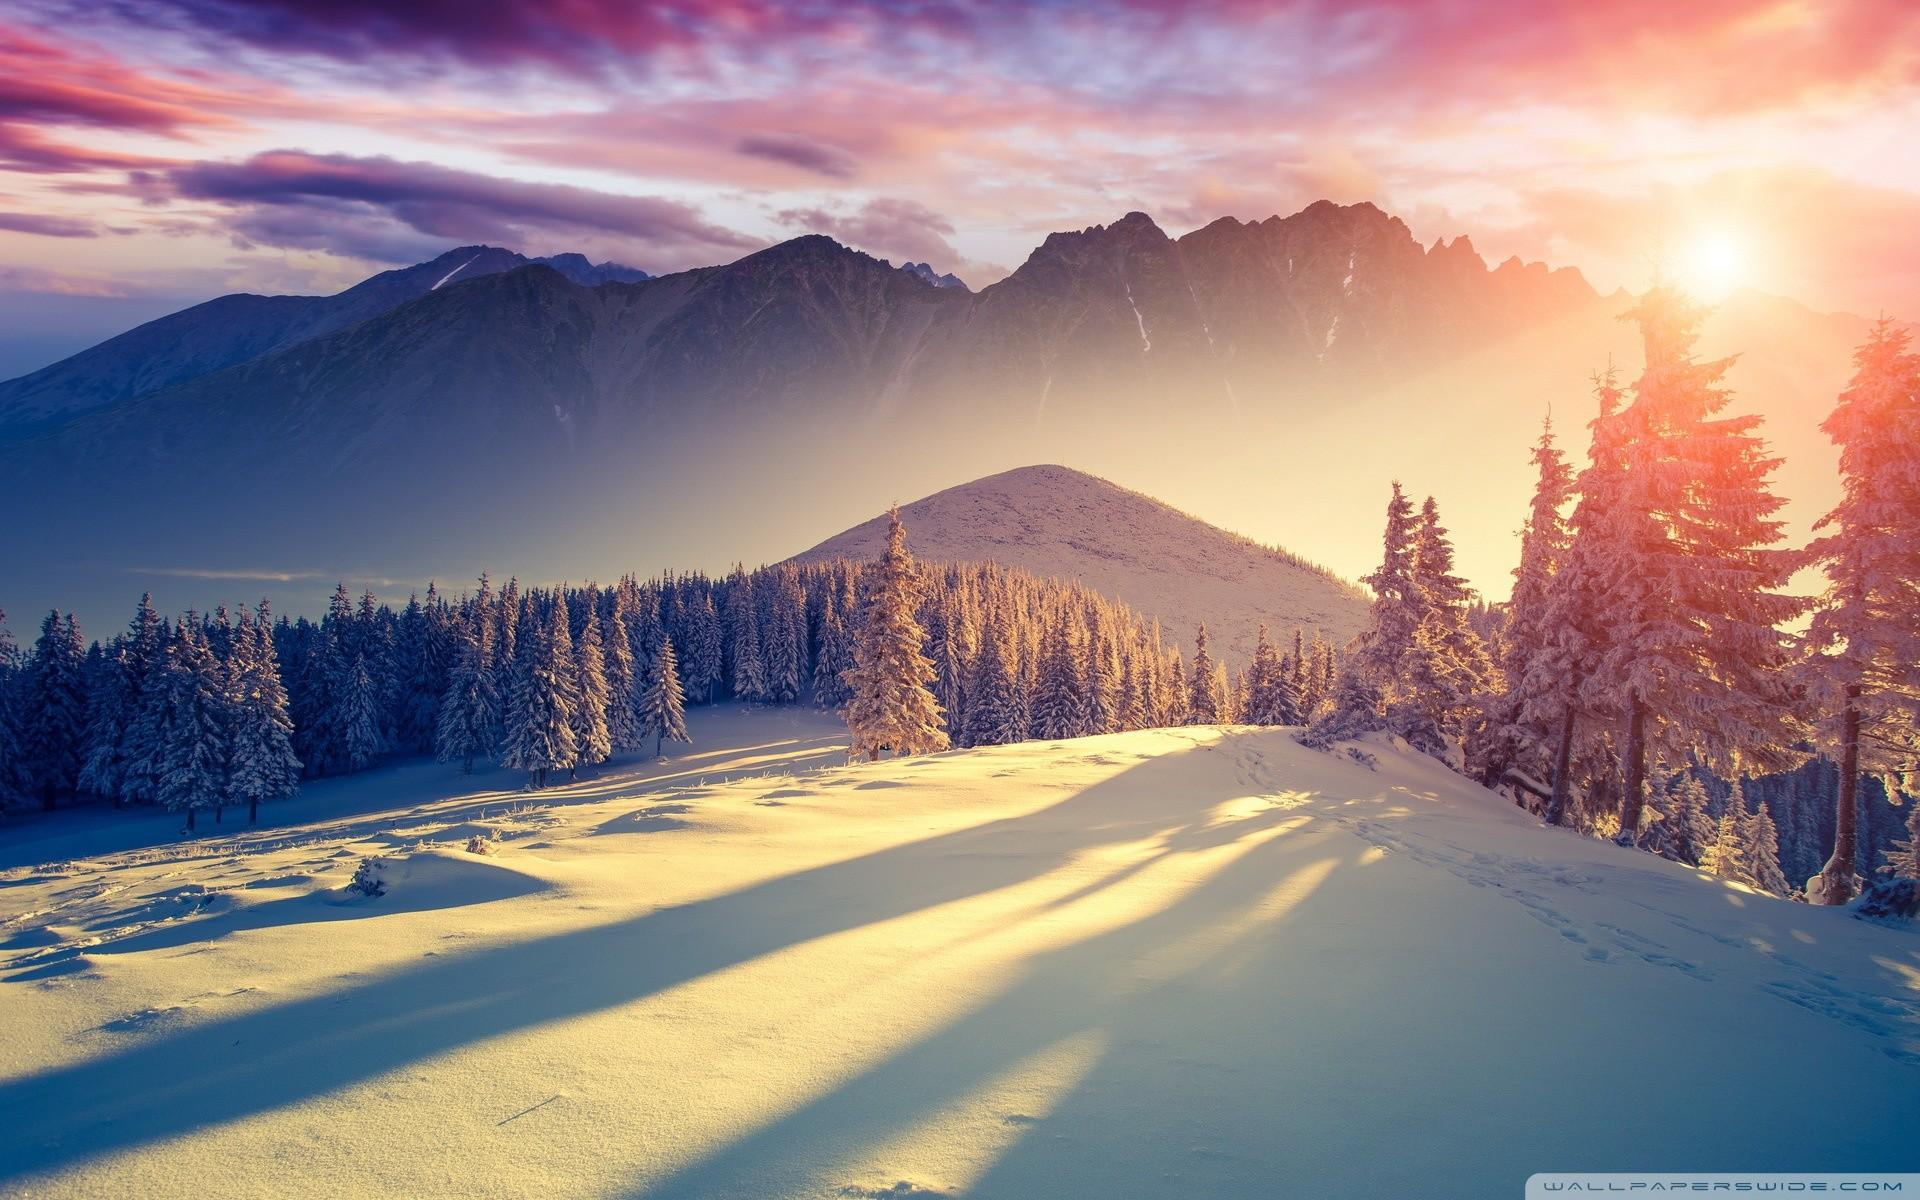 Sunset Winter Shadows HD Wide Wallpaper for Widescreen